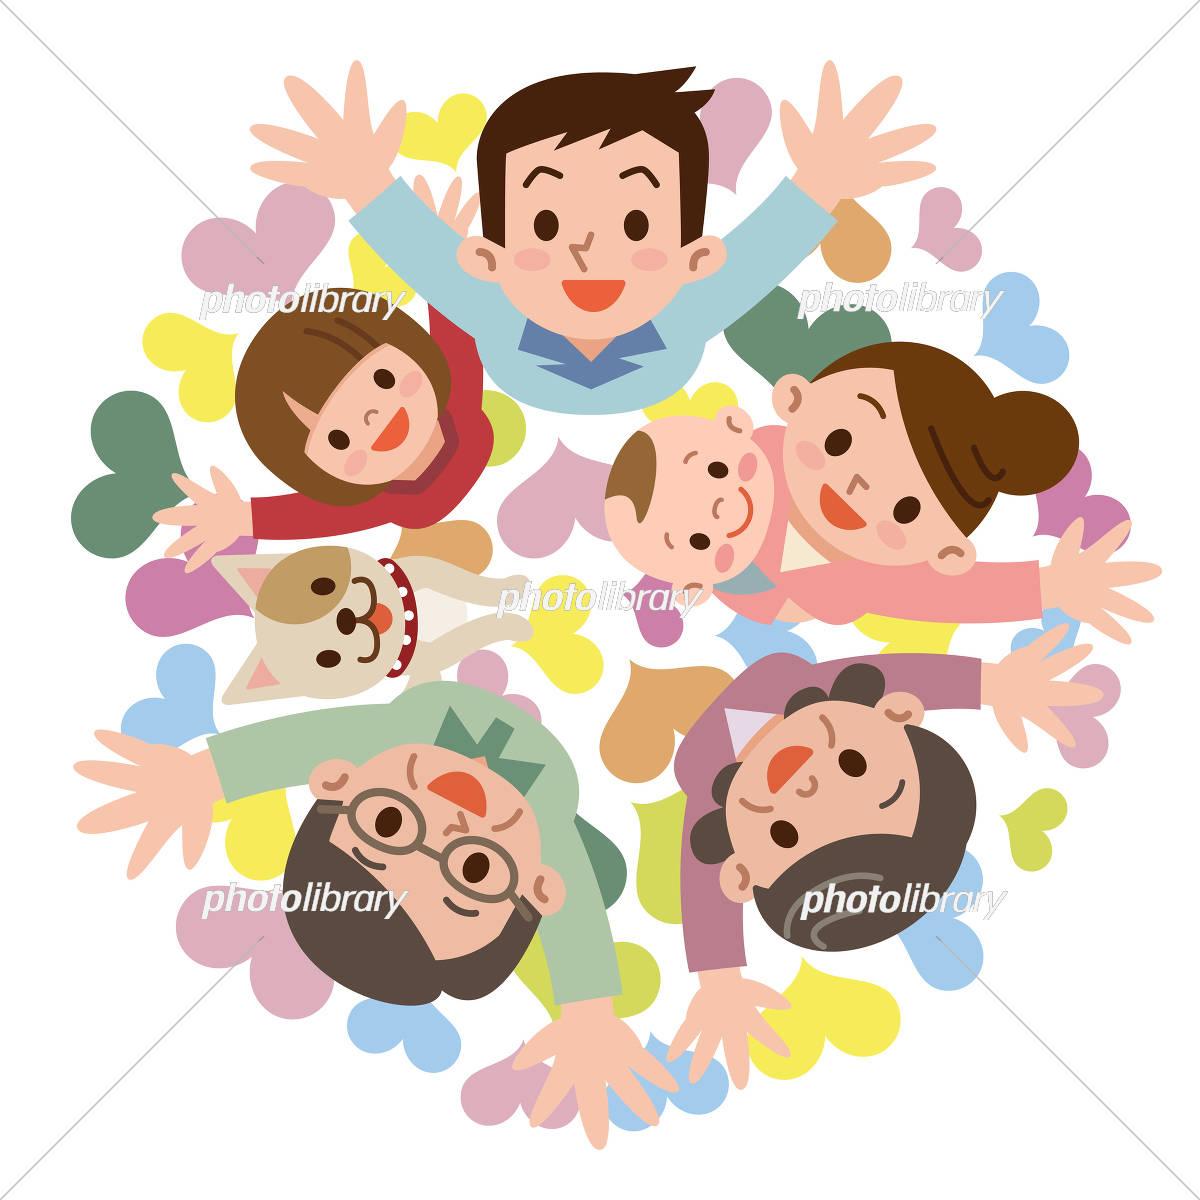 ハートに包まれた幸せ家族 イラスト素材 [ 3223695 ] - フォトライブ ...